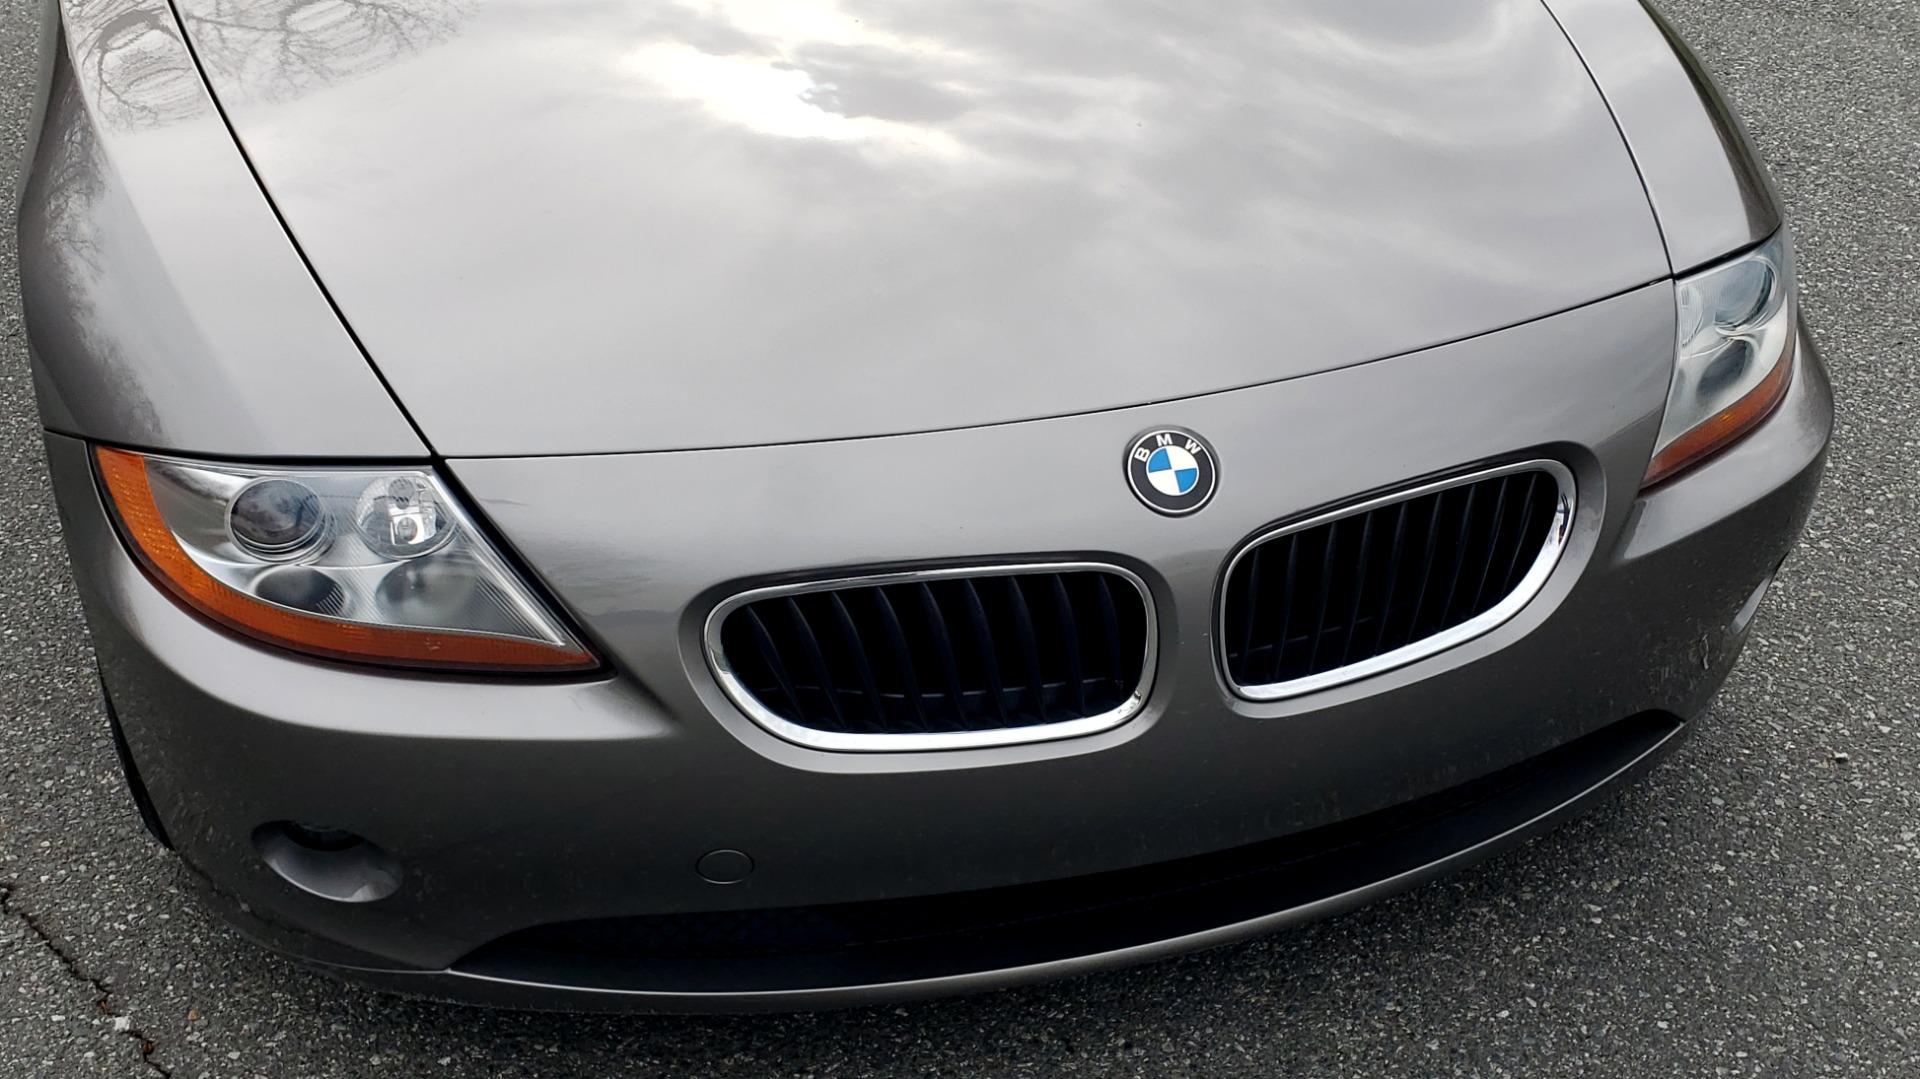 Used 2003 BMW Z4 3.0i ROADSTER / 6-SPD MAN / PREMIUM PKG / SPORT PKG / HTD STS for sale Sold at Formula Imports in Charlotte NC 28227 23